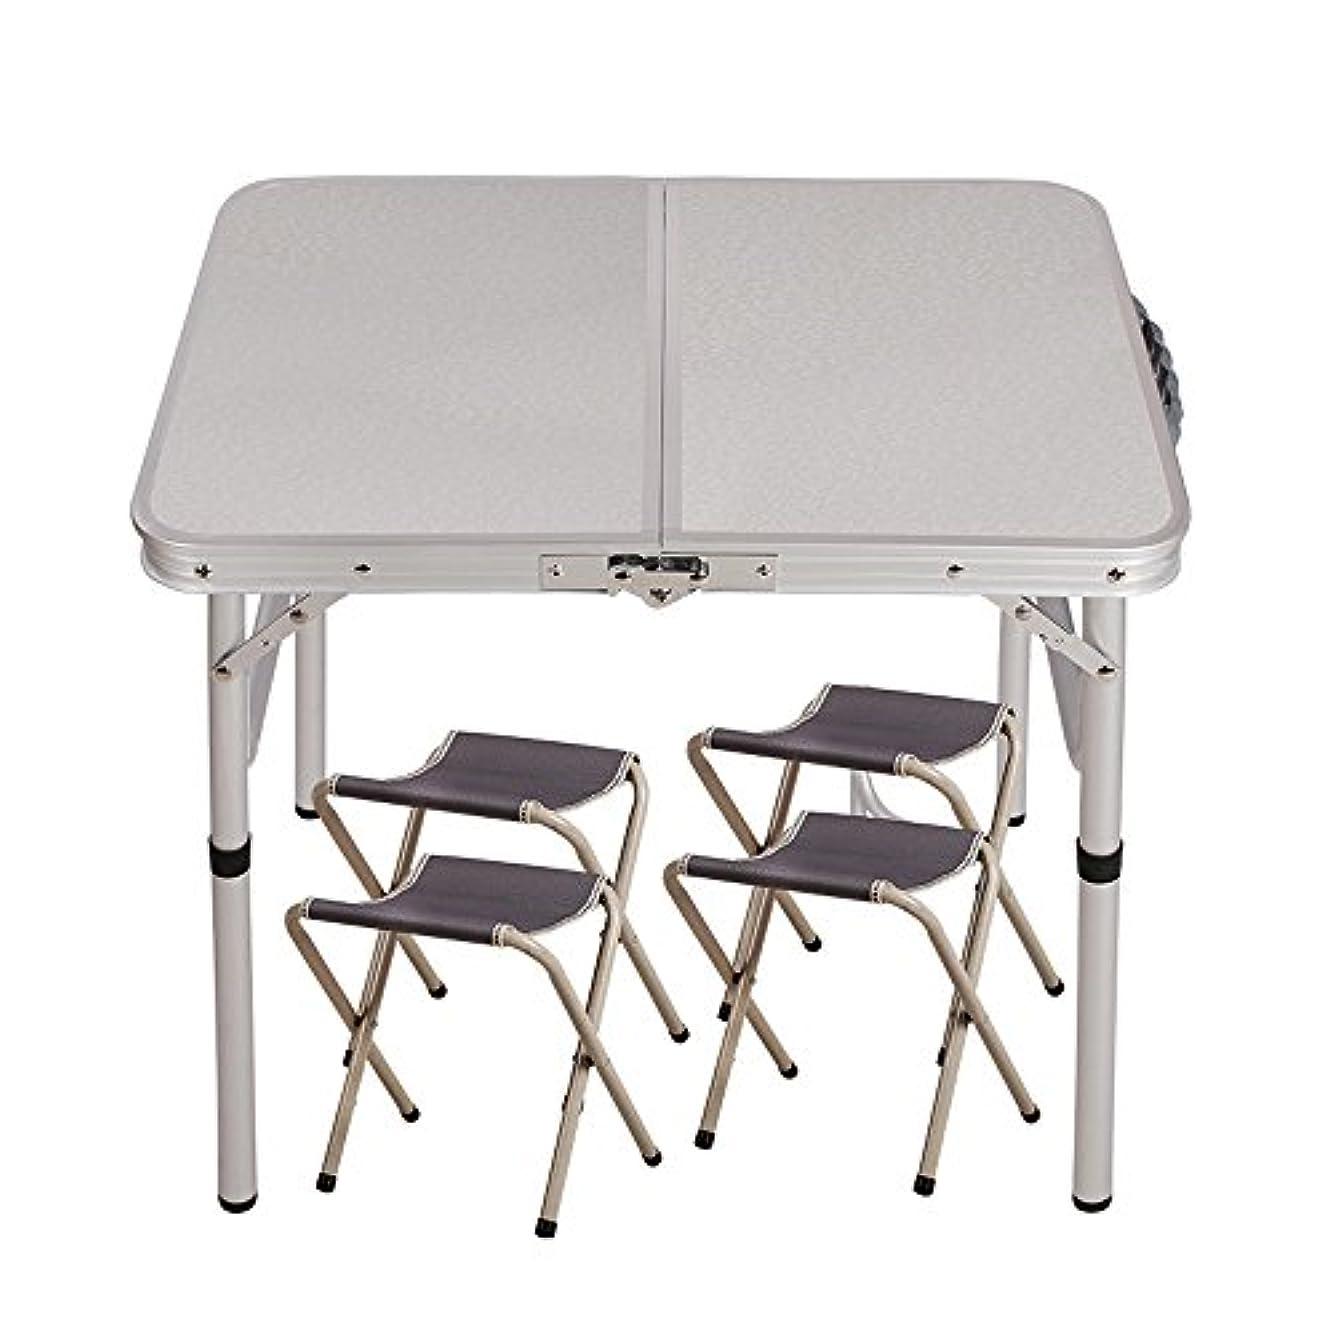 非難する旋律的発火する屋外折りたたみテーブル屋外ポータブルアルミ合金展示テーブルピクニック学習テーブルシンプルなデスク ( 設計 : 2 )